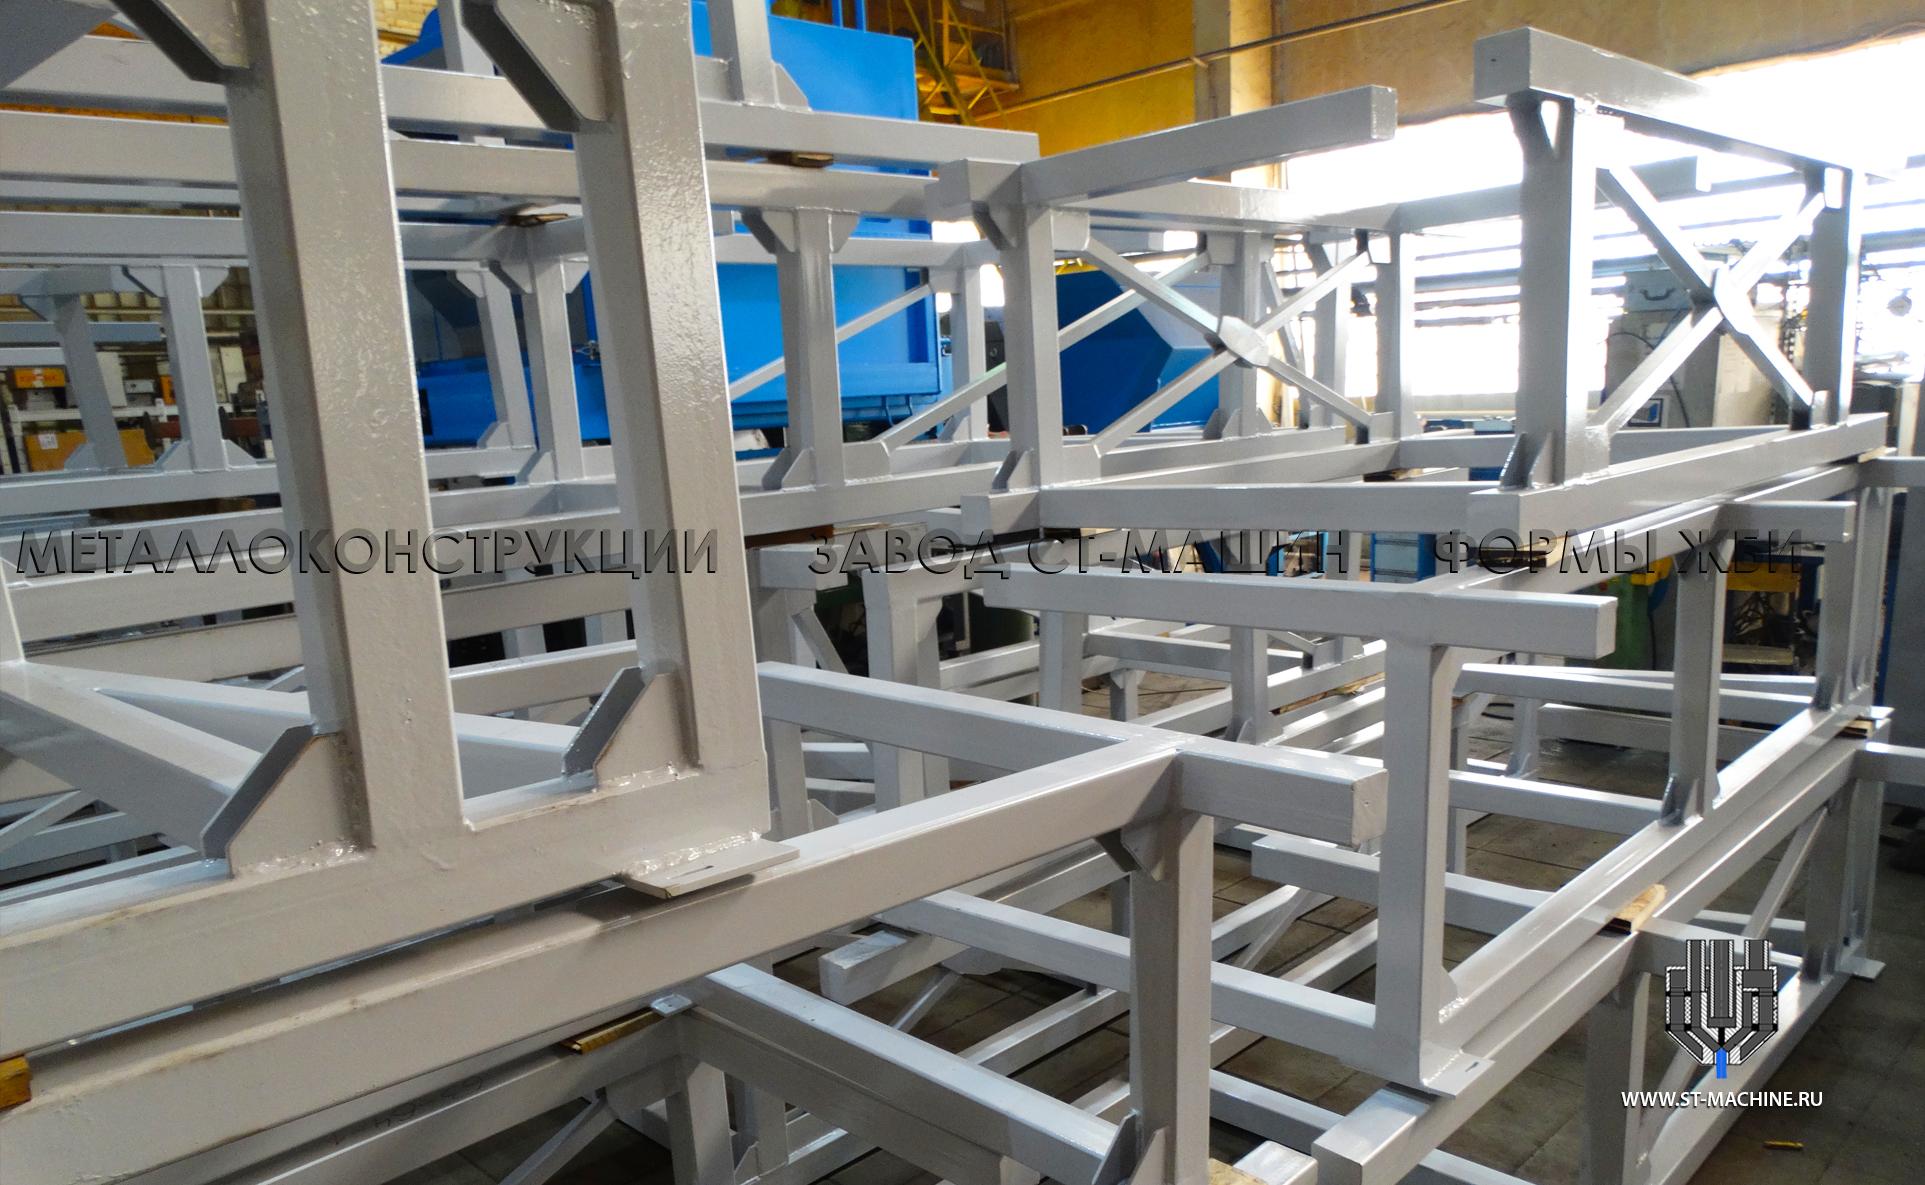 металлические-конструкции-по-чертежам-заказчика-изготовить-москва-ст-машин-балашиха.jpg